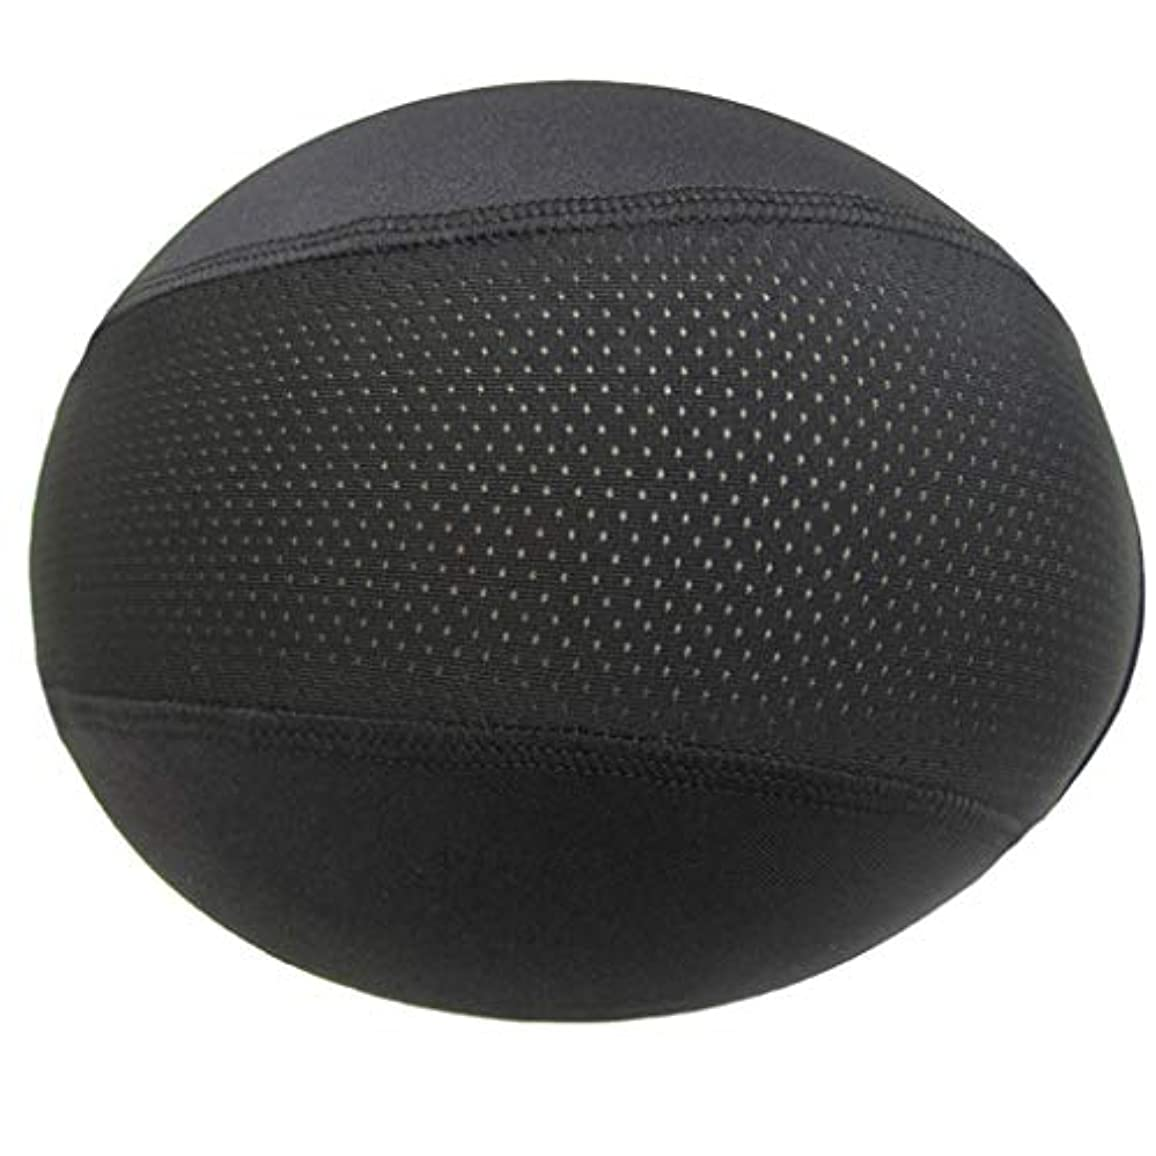 動動一般化するヘルメットインナーキャップ ユニセックス帽子ドームキャップ 水分発散冷却スカルキャップ